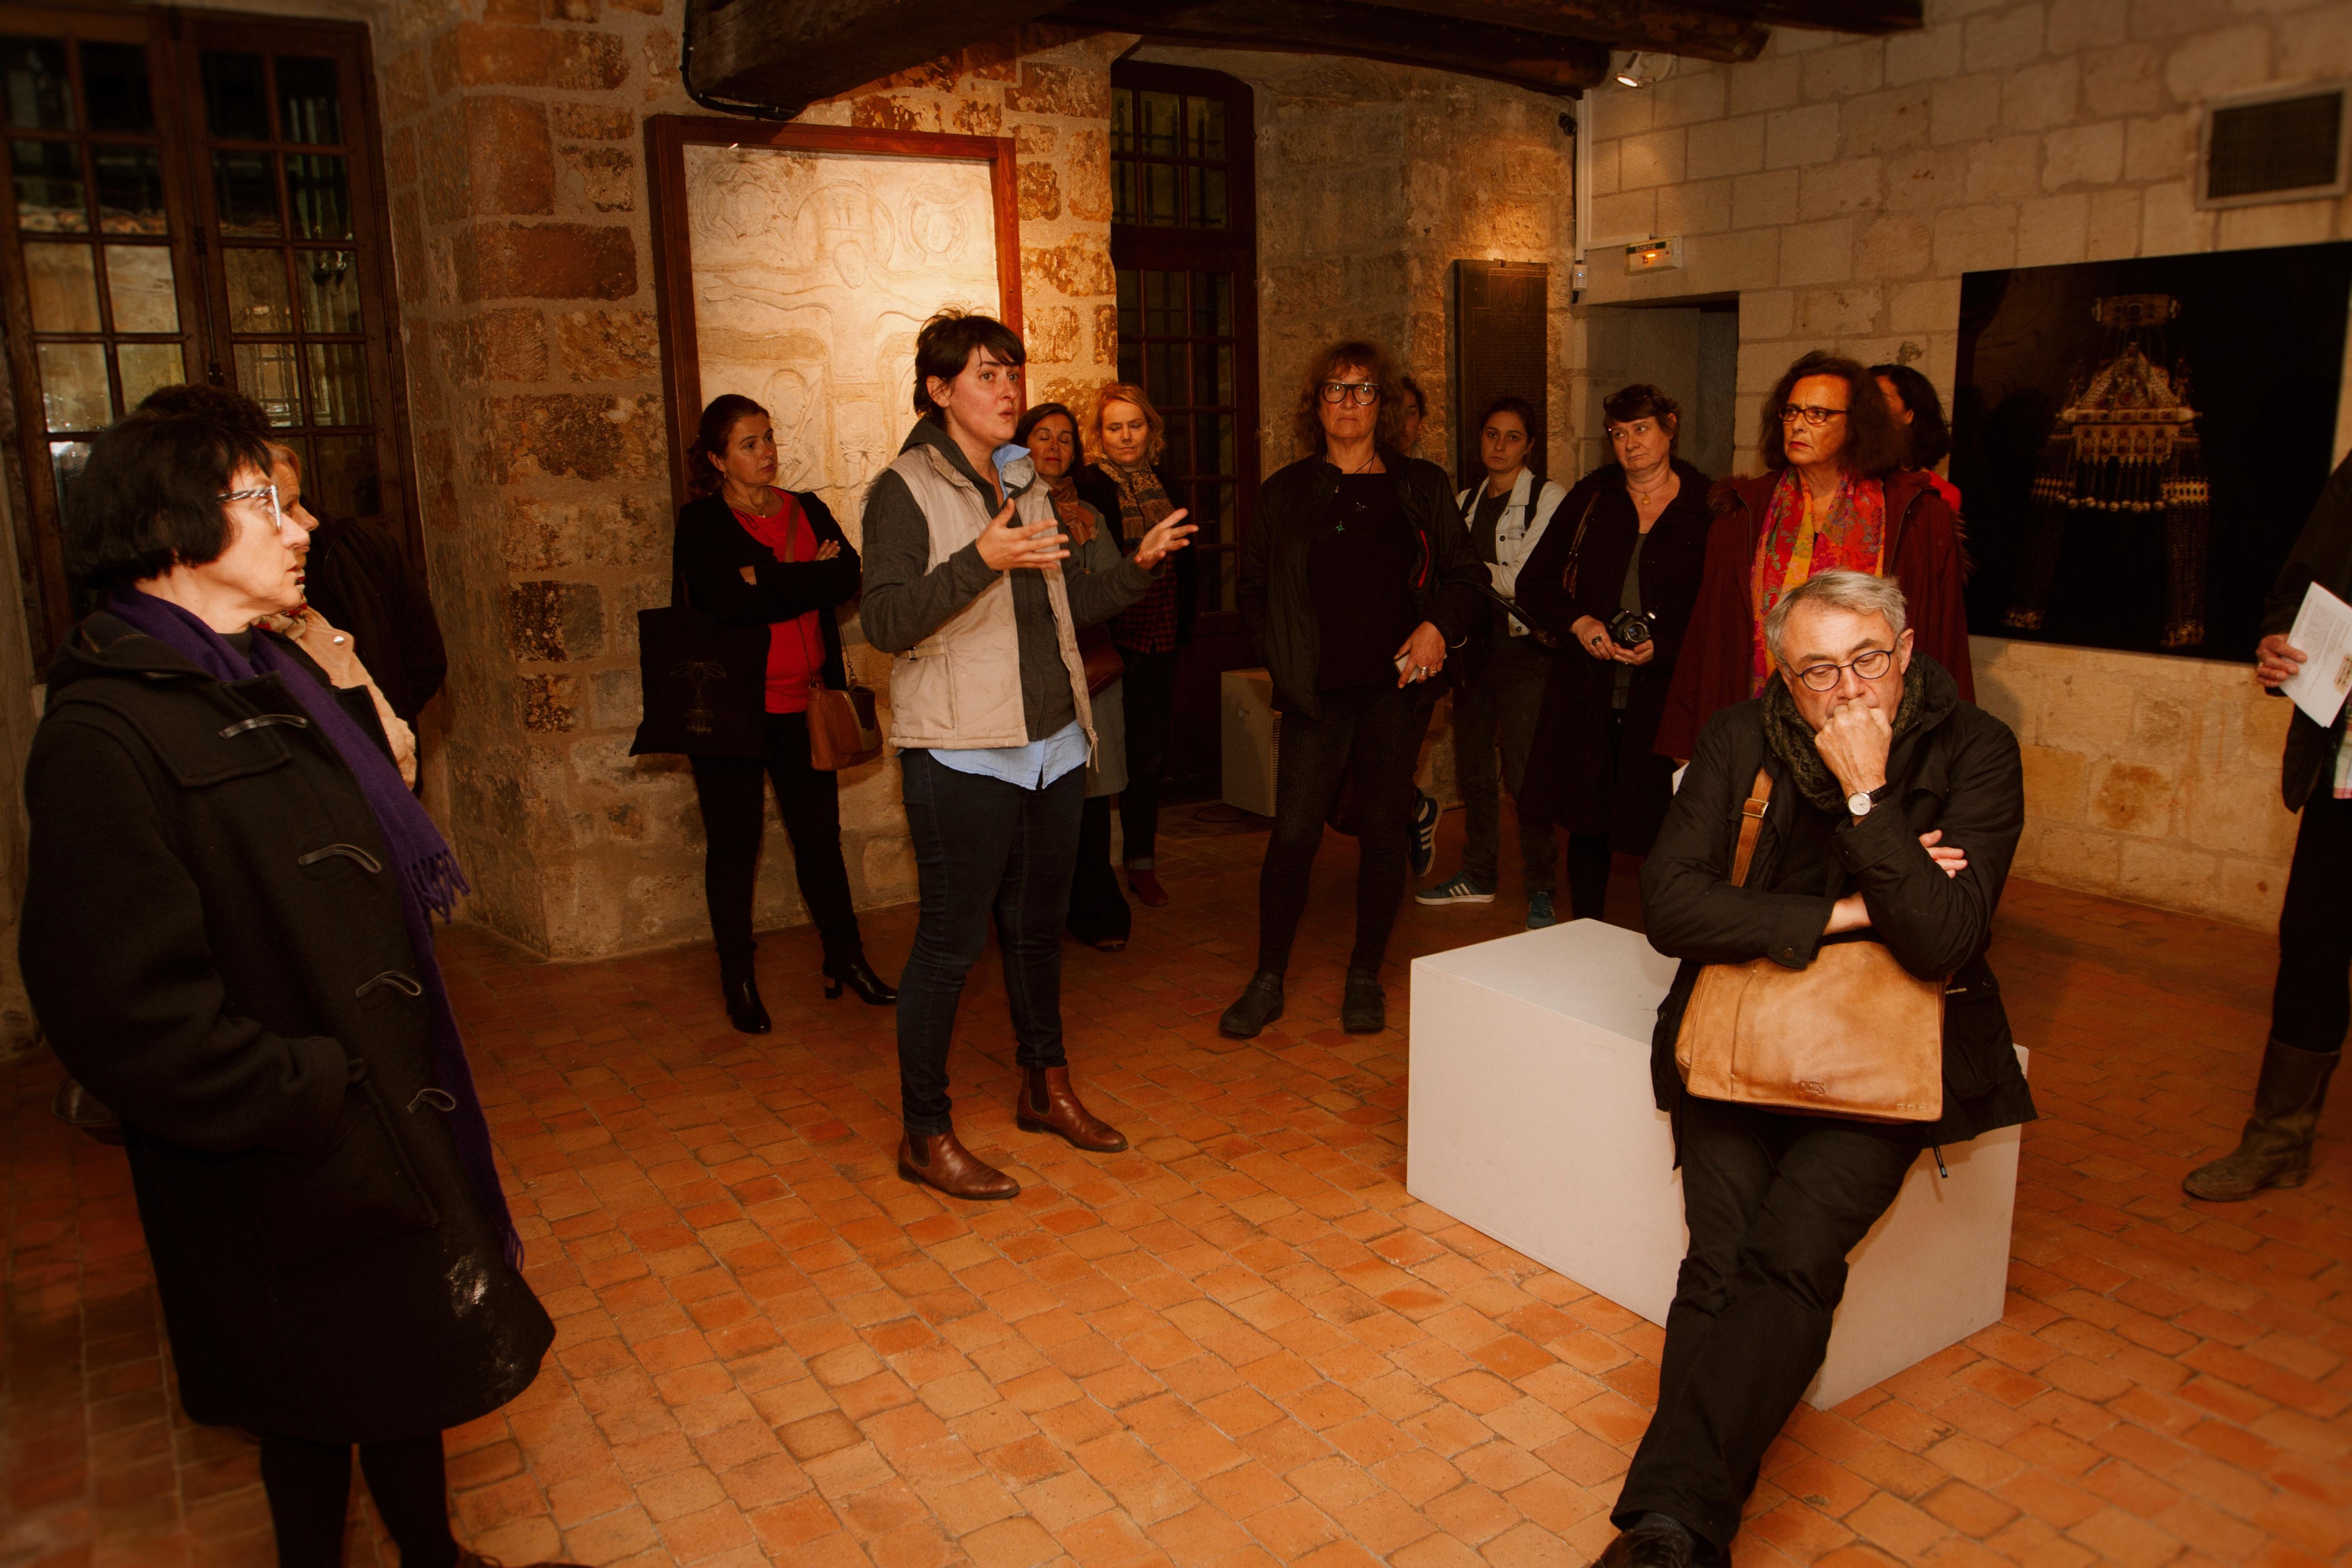 """Jeudi 3 novembre - Visite de l'exposition """"Les Invendus"""" au musée le Carroi par Cindy Daguenet"""